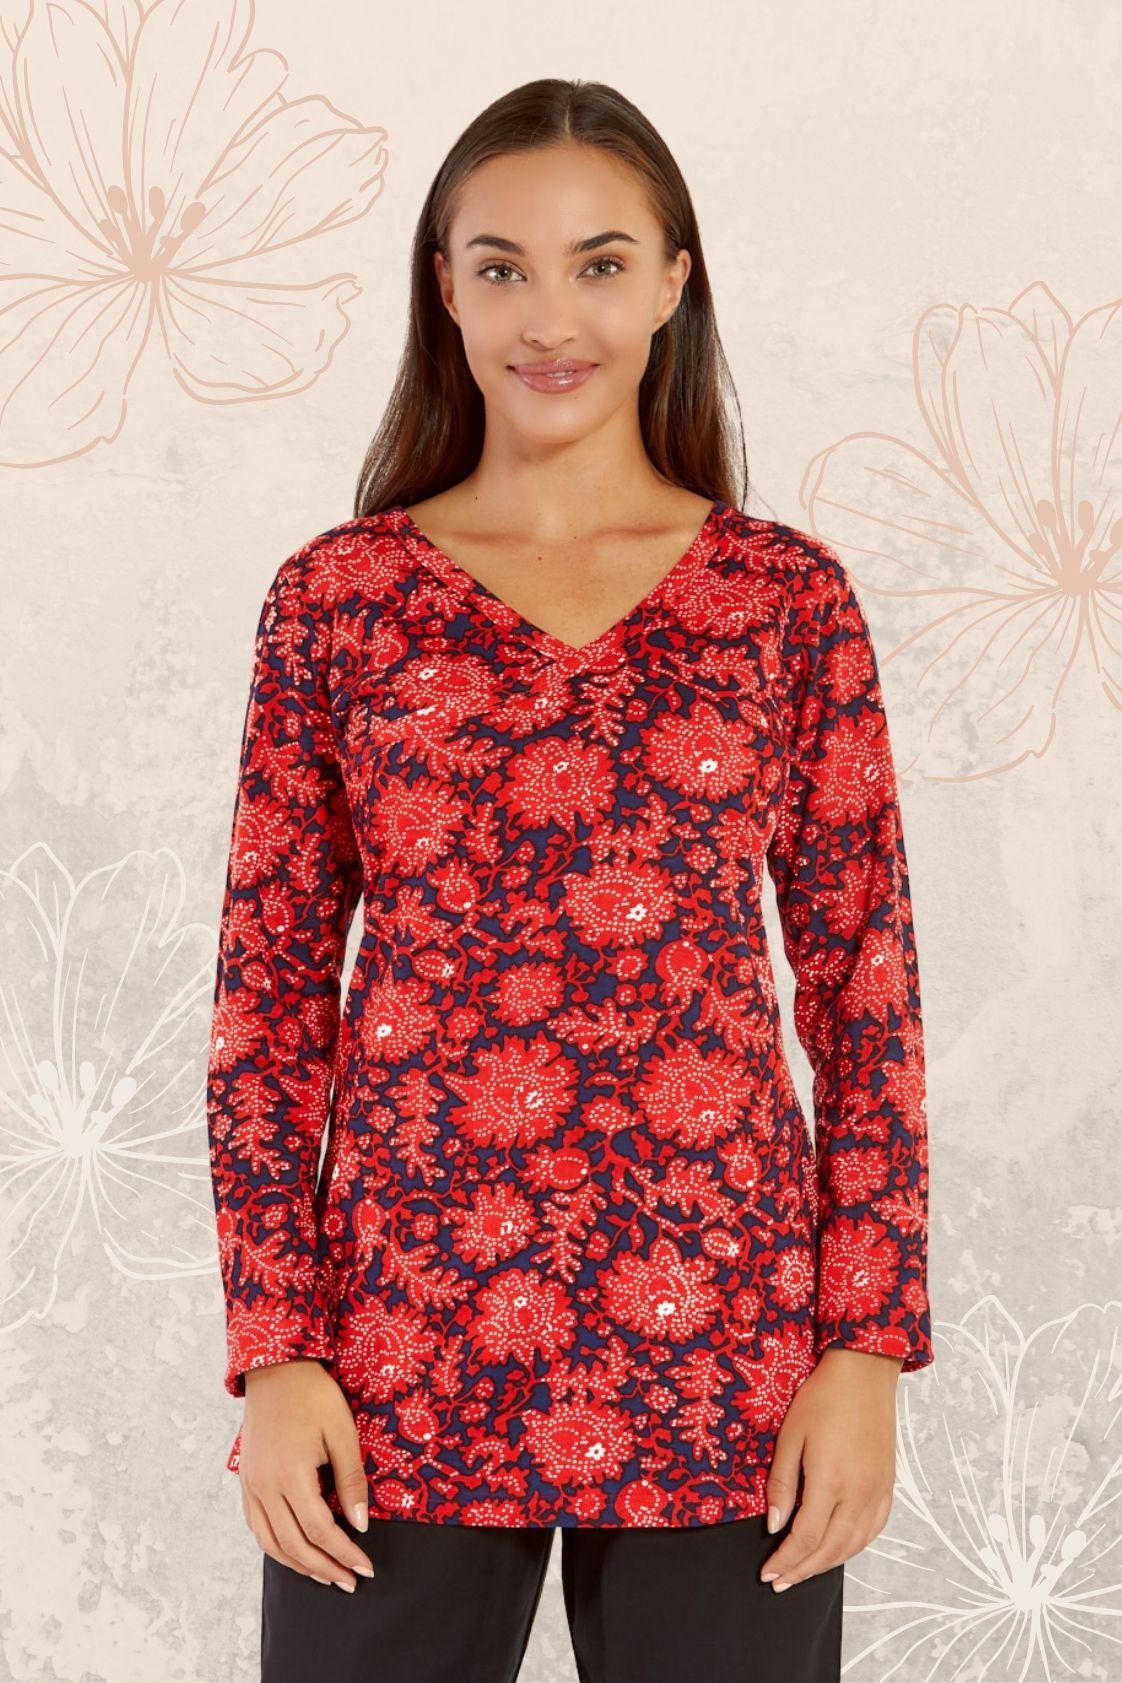 Ingrid Faux Wrap Top - Batik Print